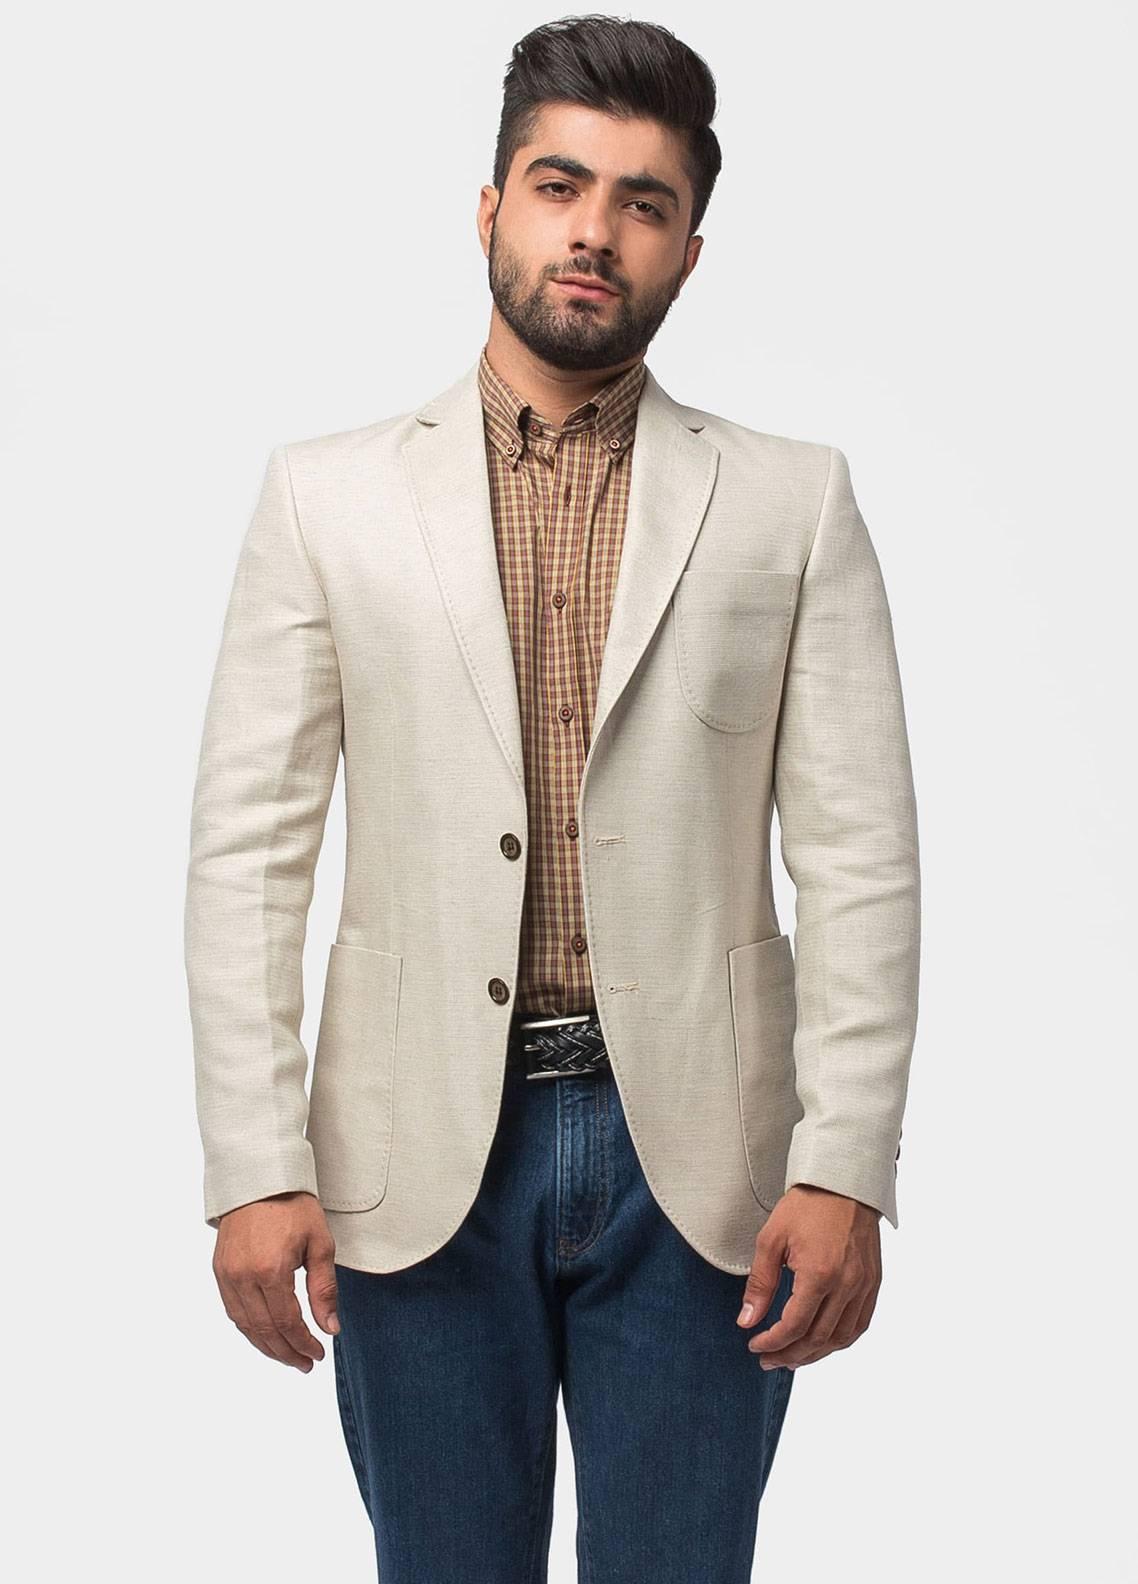 Brumano Linen Casual Blazer for Men - Beige BLZ-501